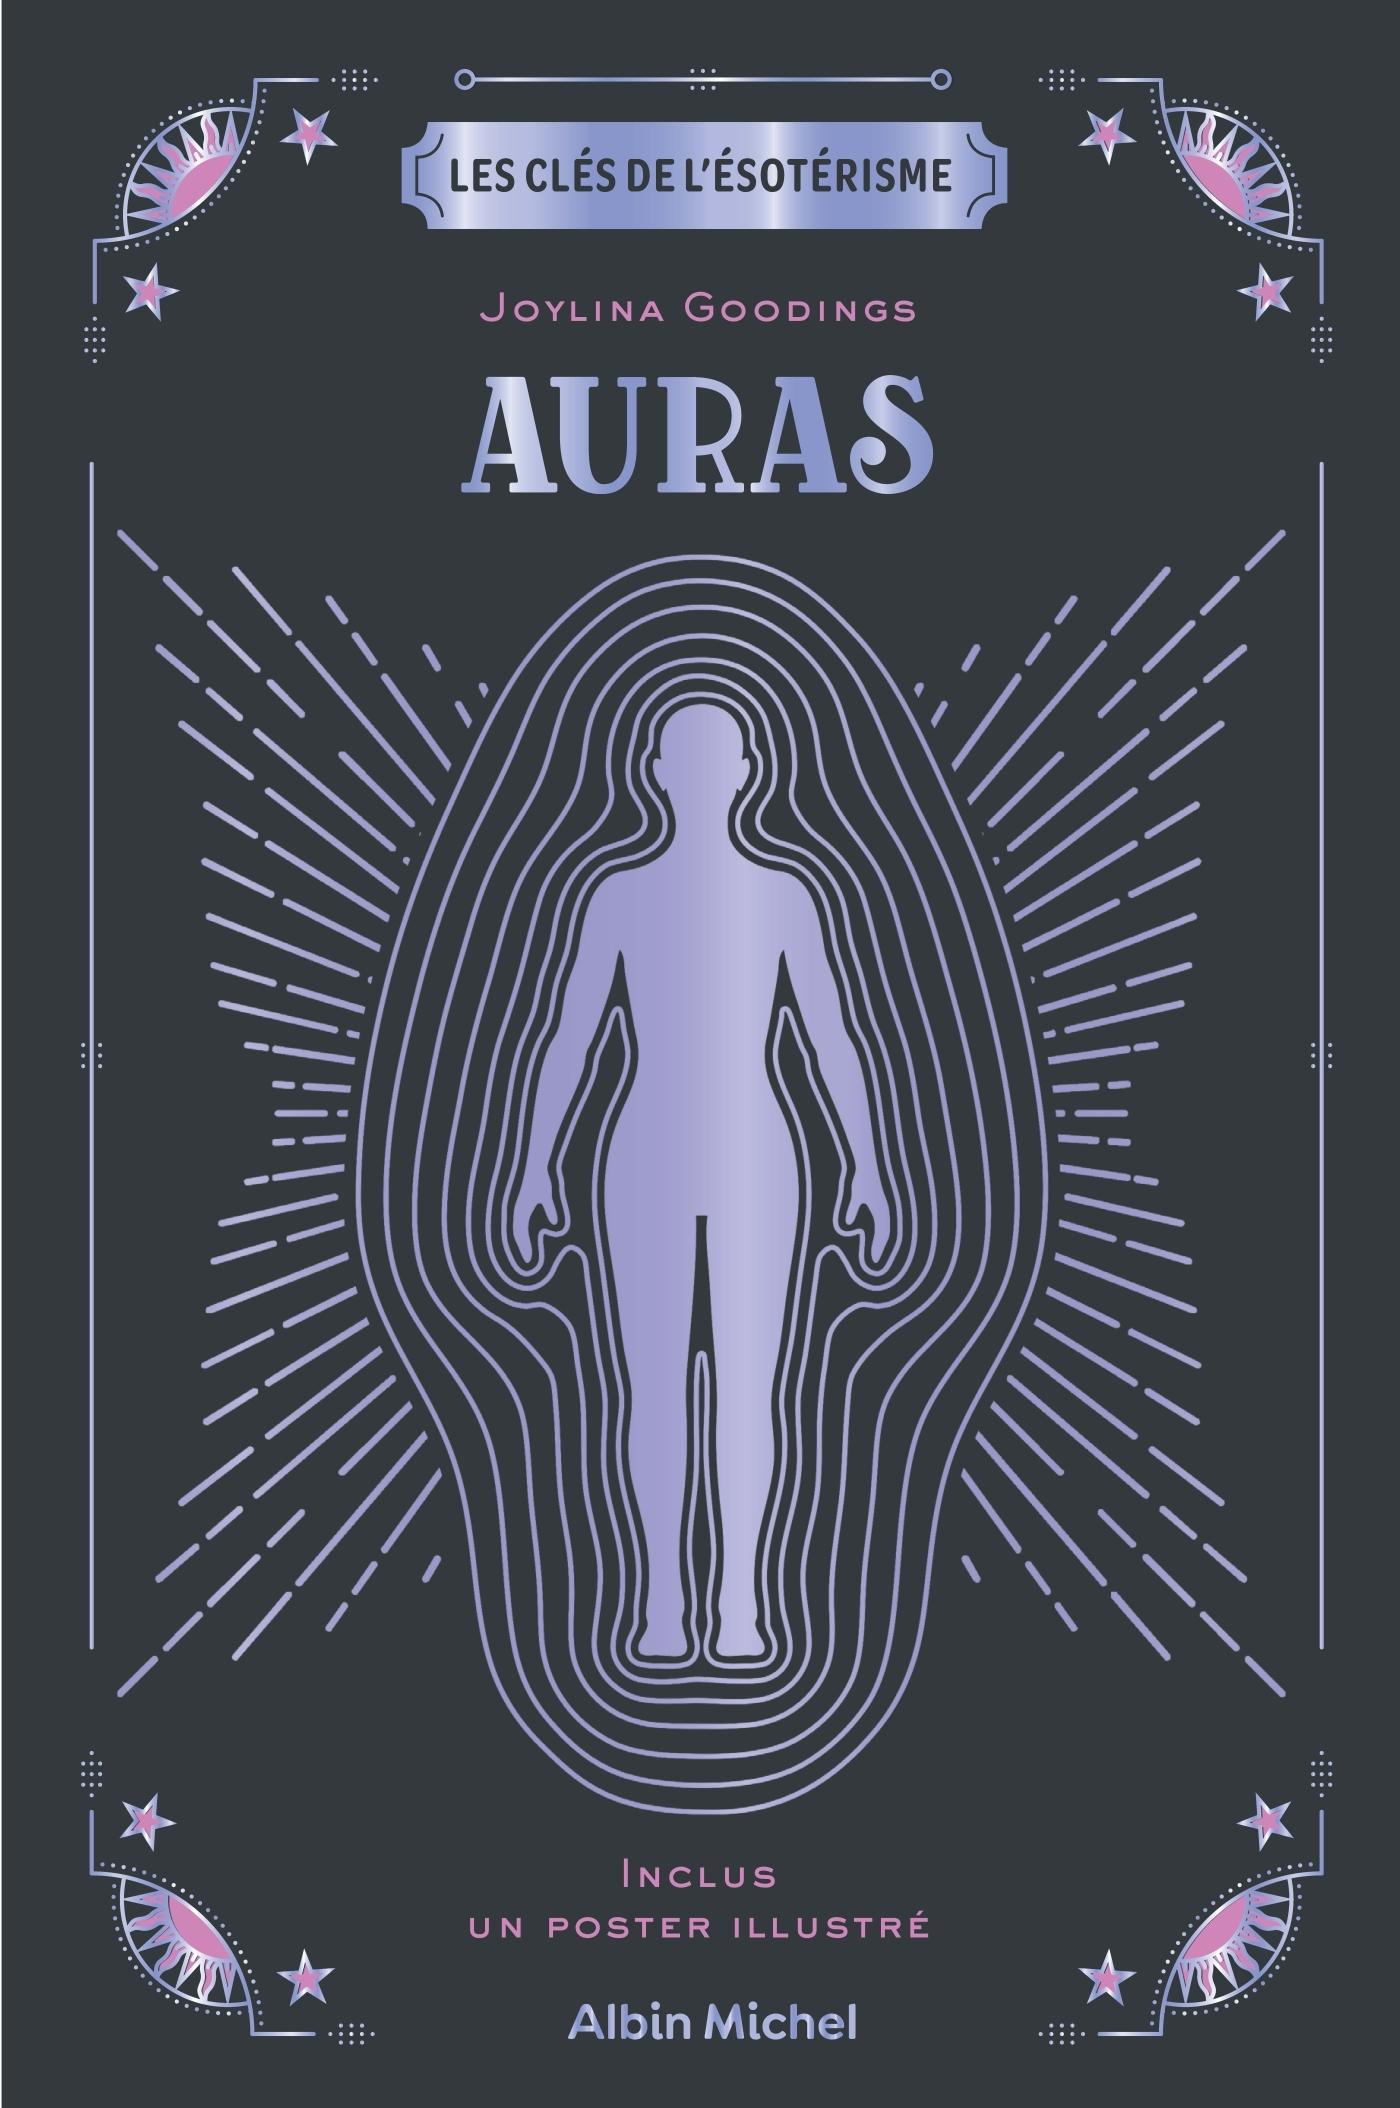 LES CLES DE L'ESOTERISME - AURAS